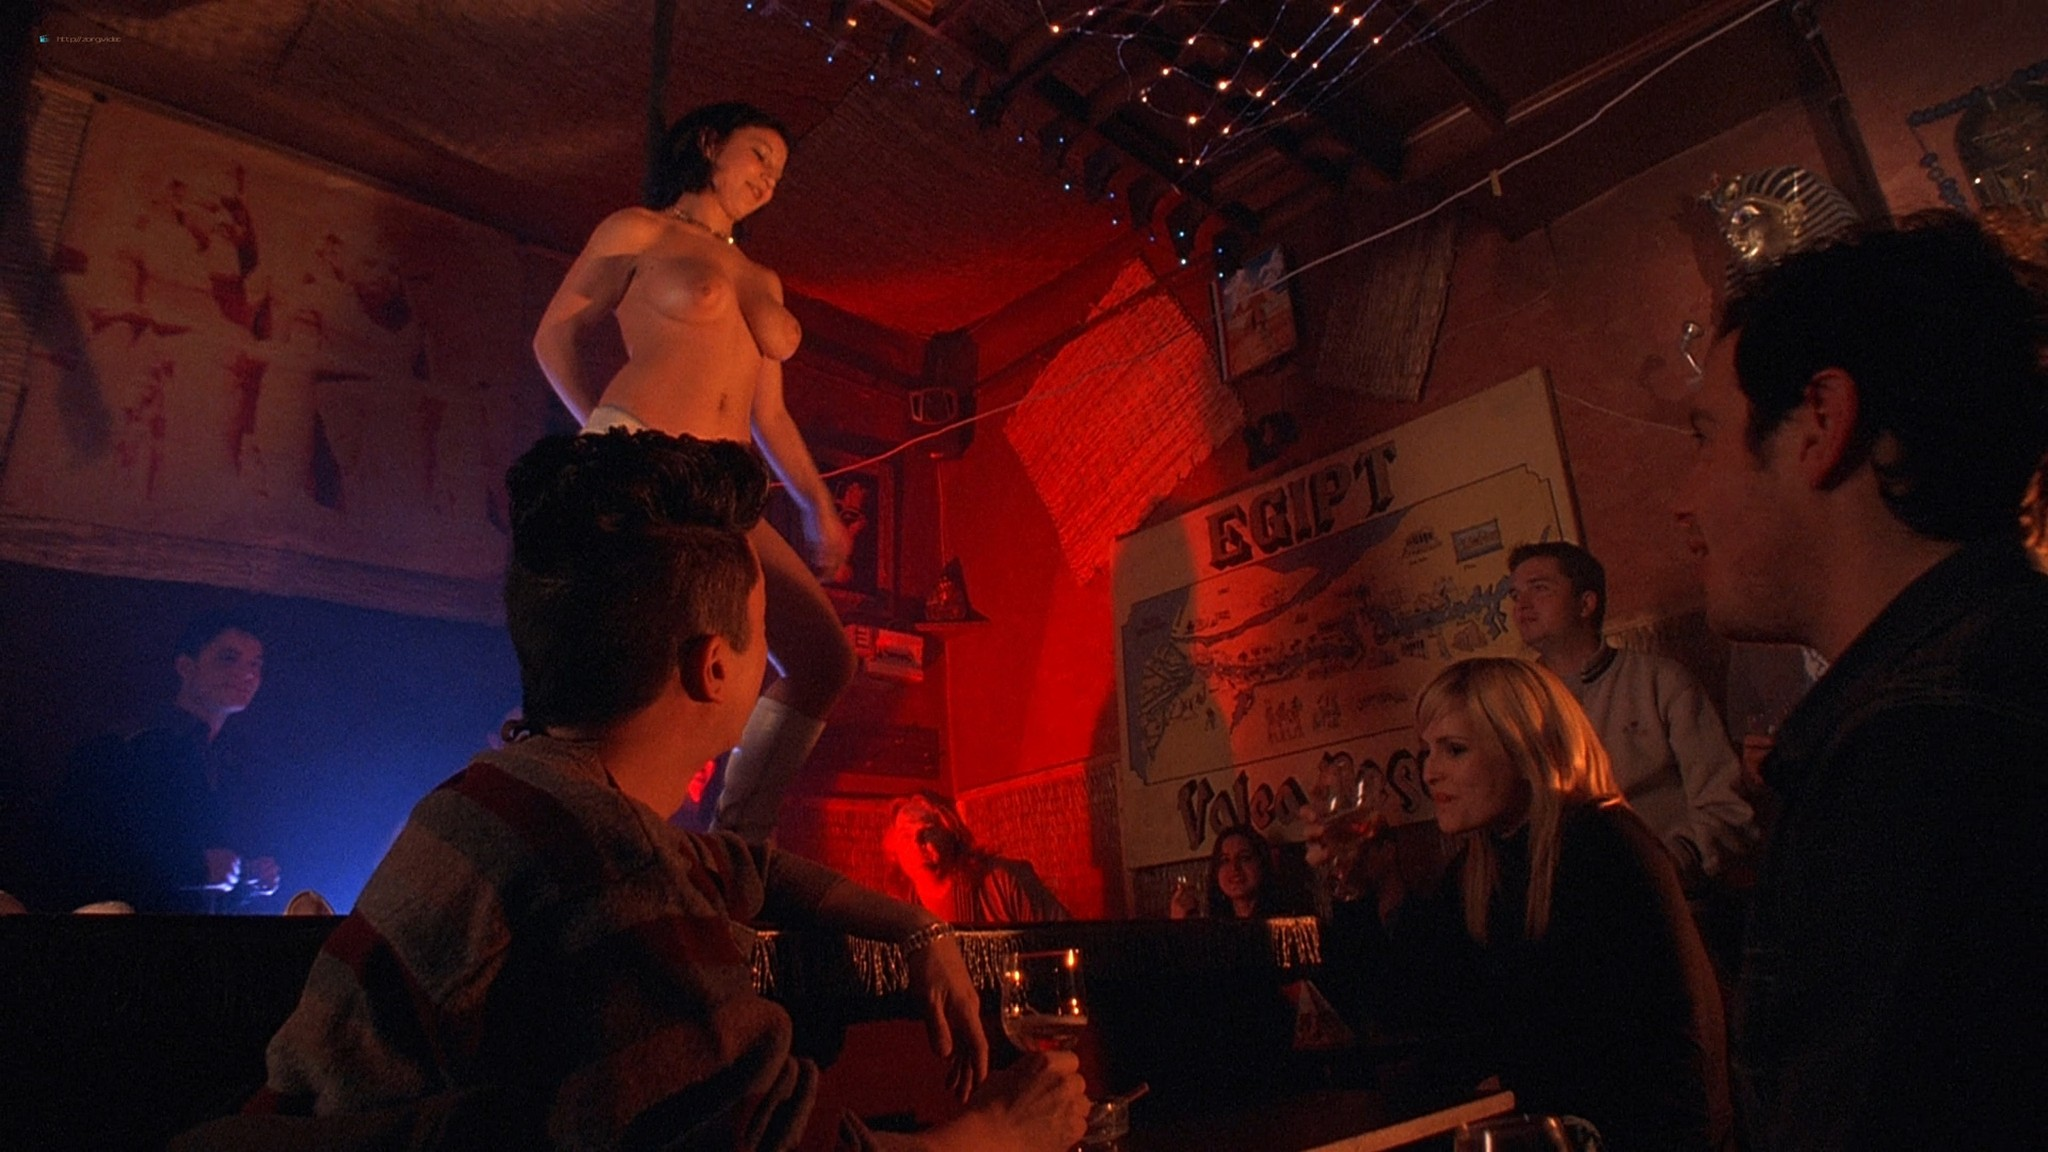 Jennifer Lyons hot Simon Petric, Desiree Malonga and others nude - Transylmania (2009) HD 1080p BluRay (r) (14)